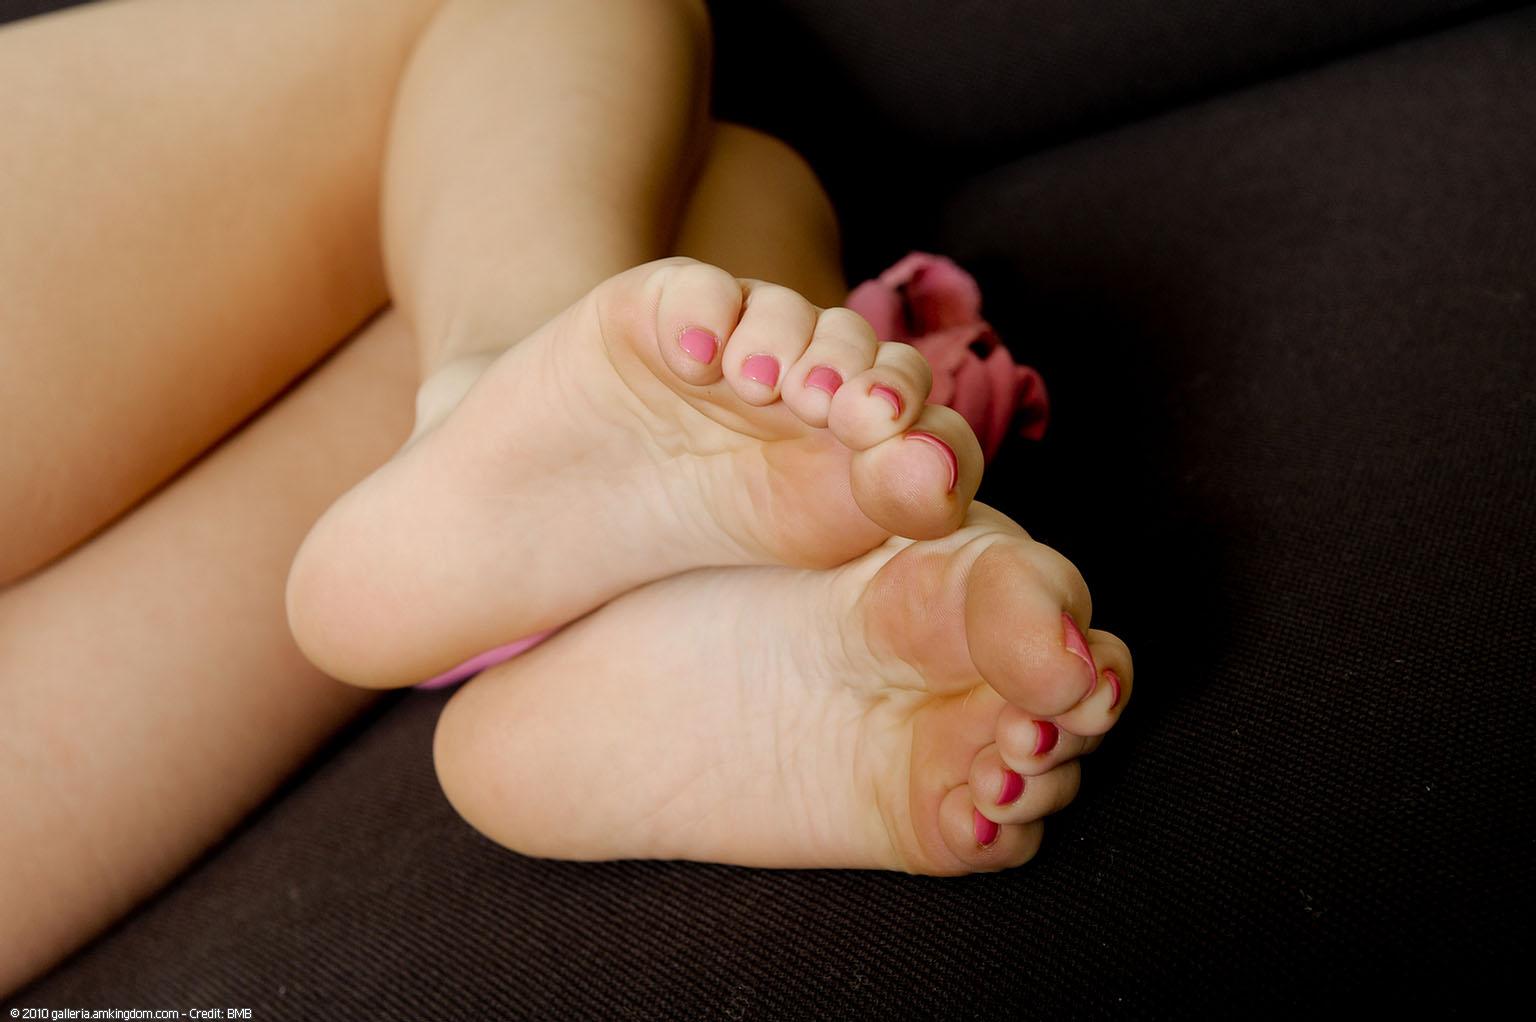 fetiche de pies